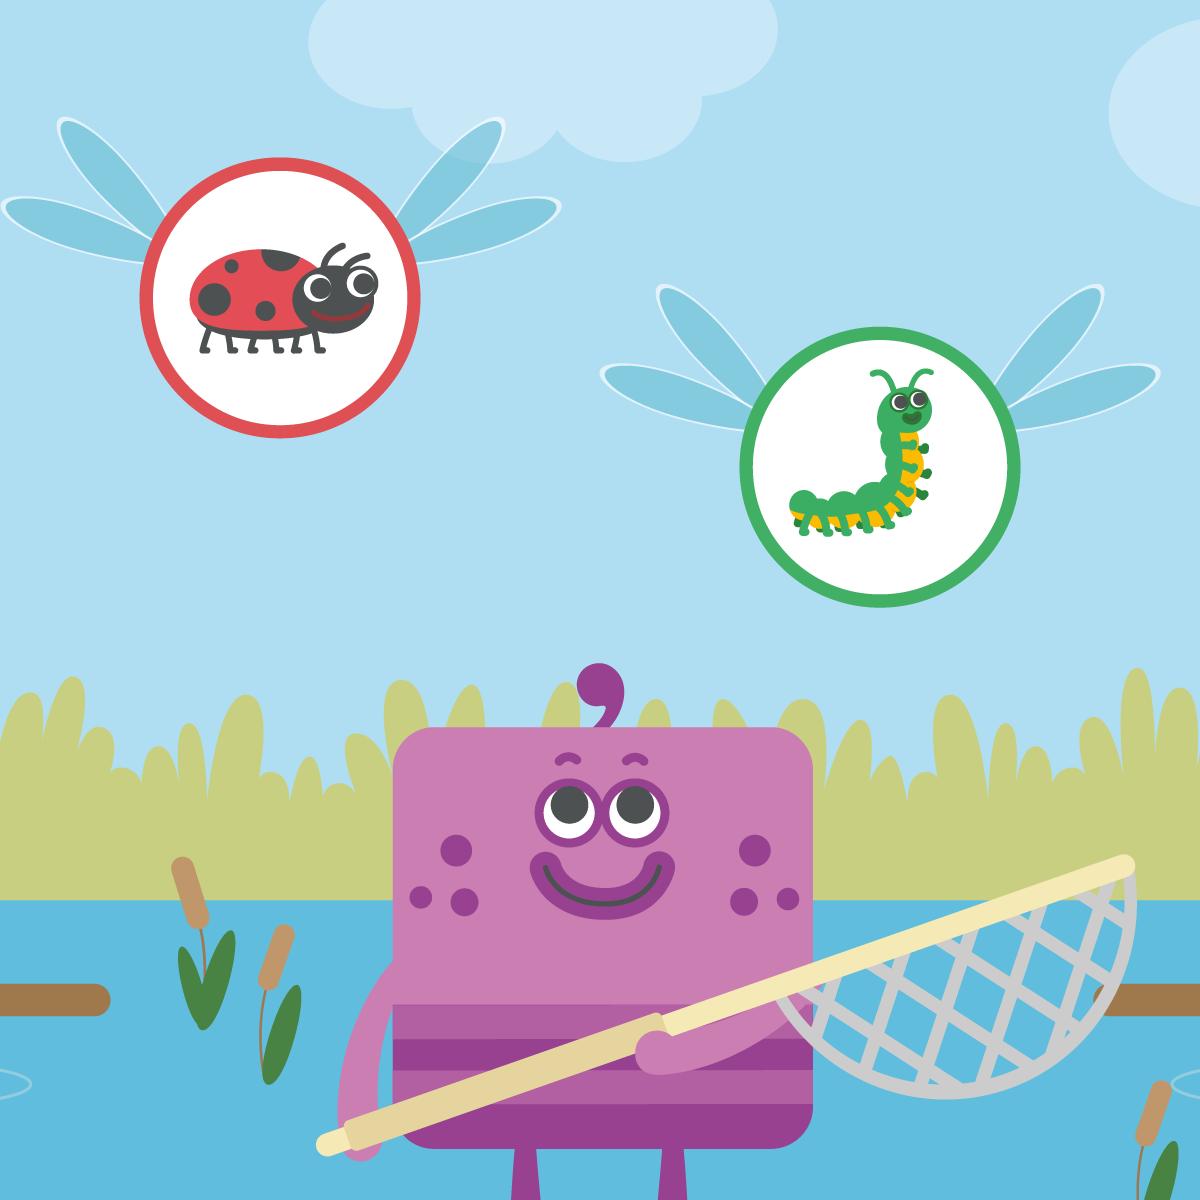 Bug hunt game for kids